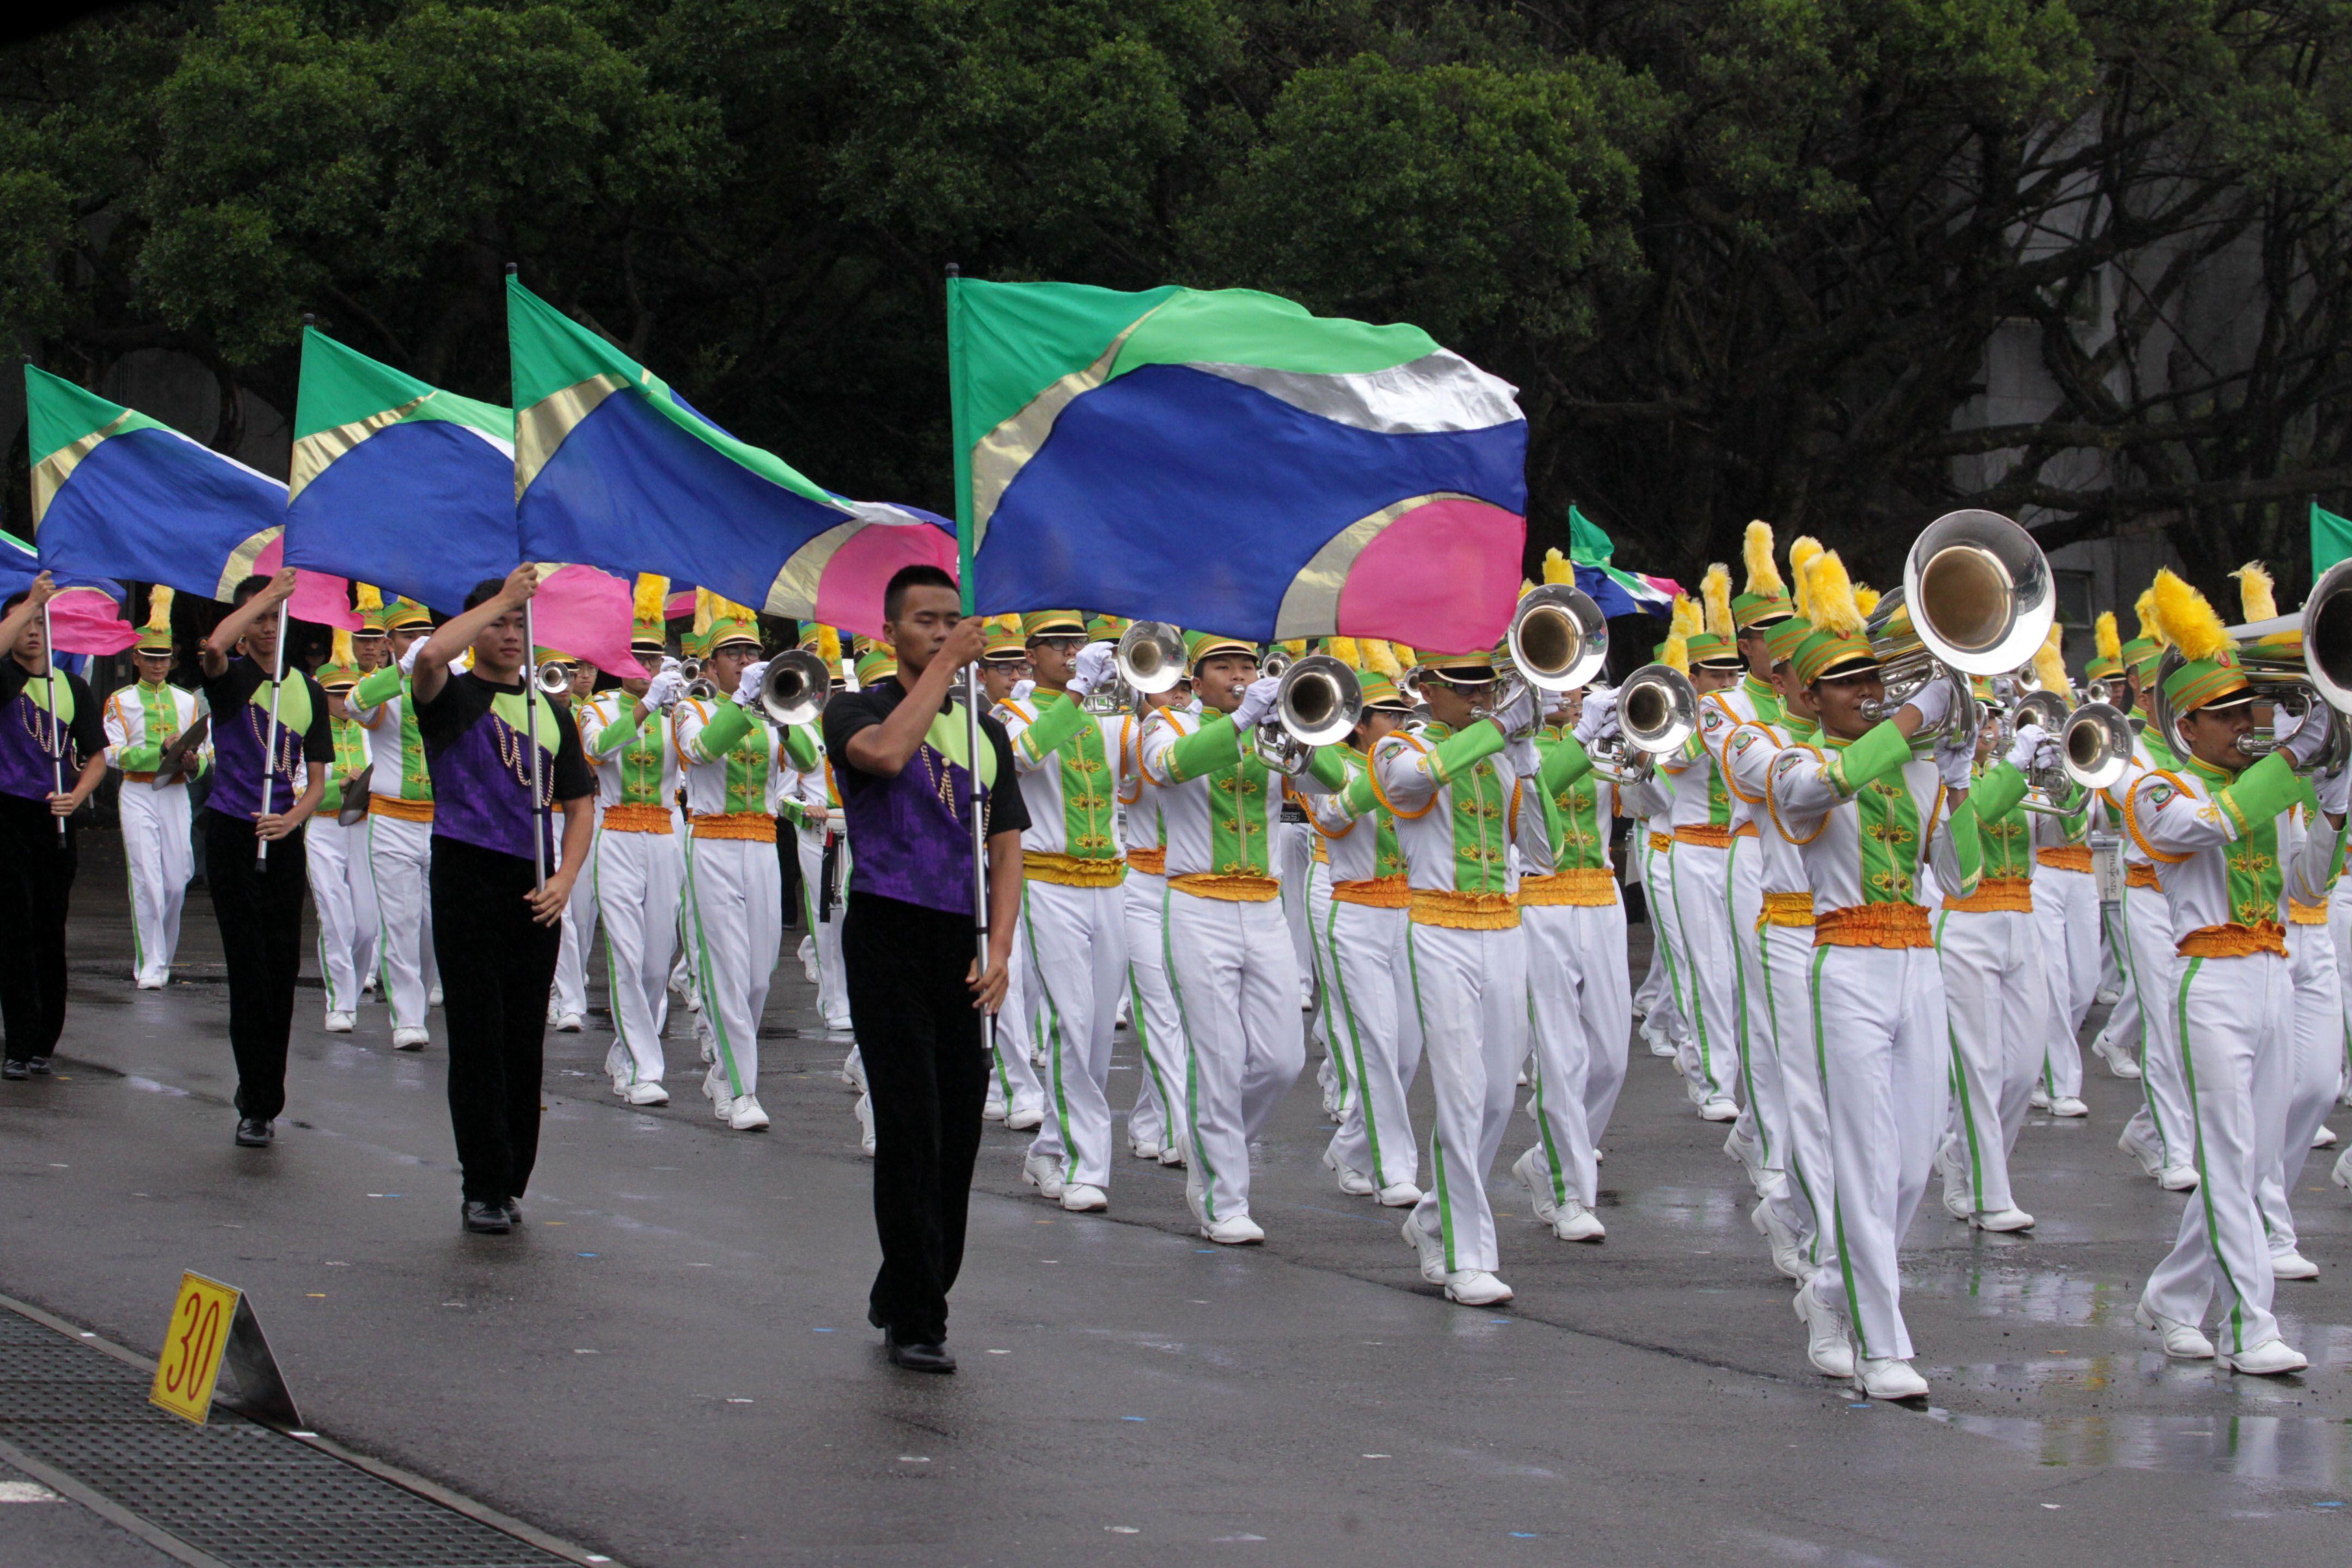 國防部示範樂隊、陸軍專科學校樂旗隊、國防大學合唱團為107年國慶大會預演。(記者邱榮吉/攝影)